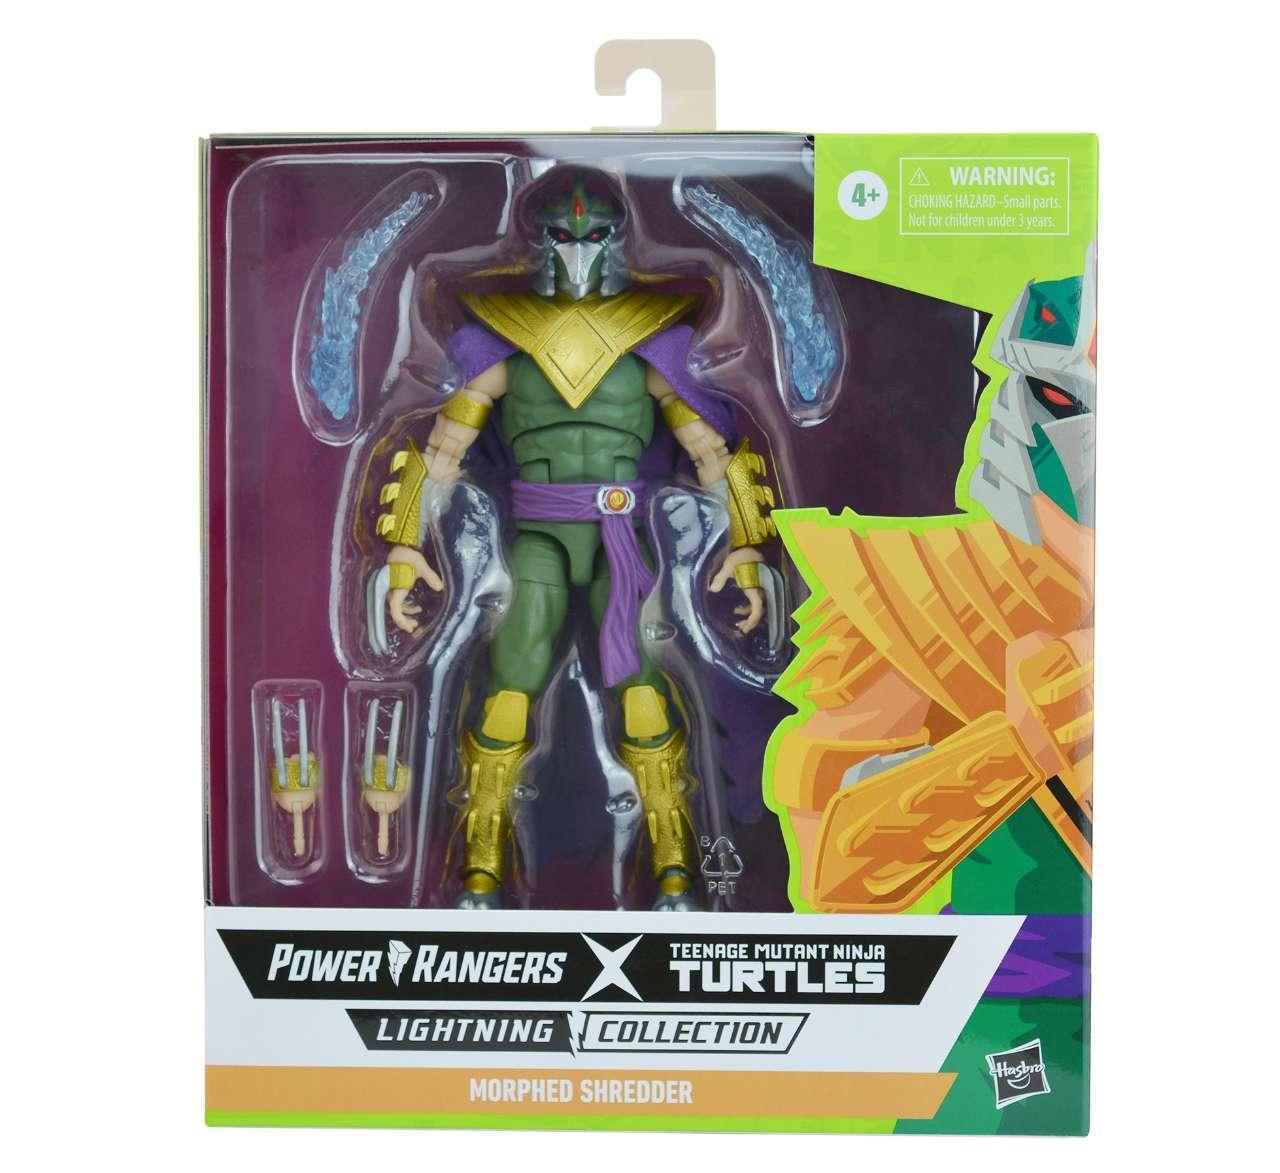 green-ranger-shredder-packaging